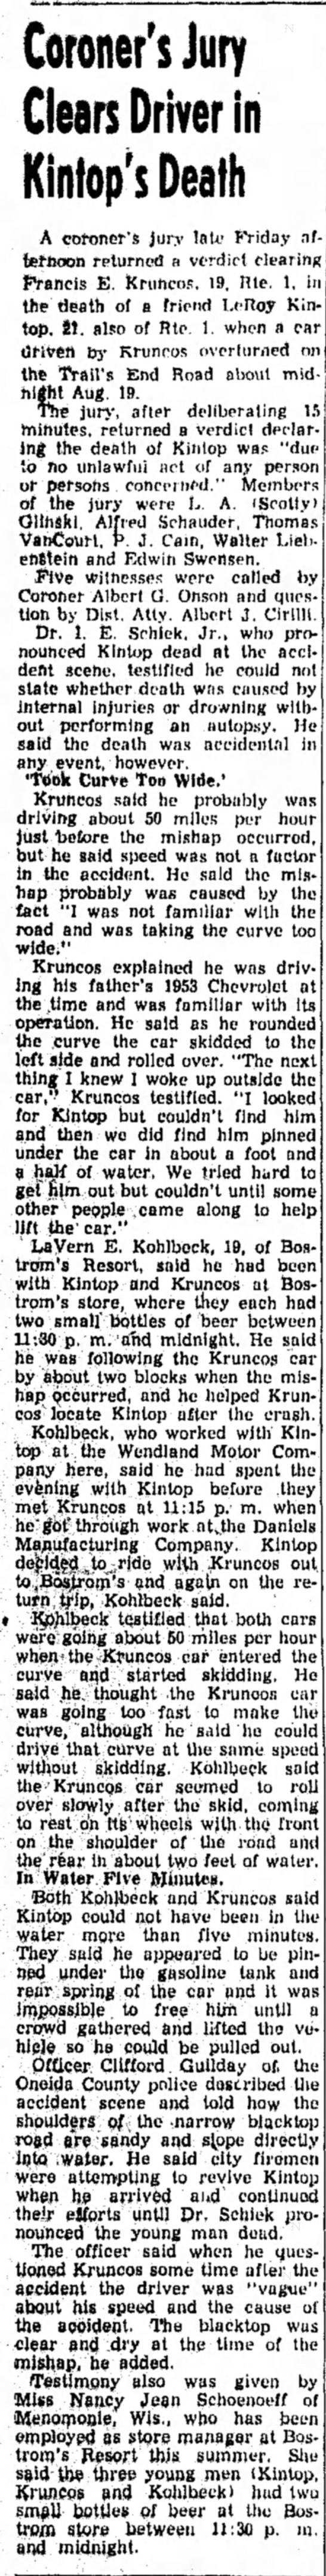 Francis Kruncos car accident August 1954